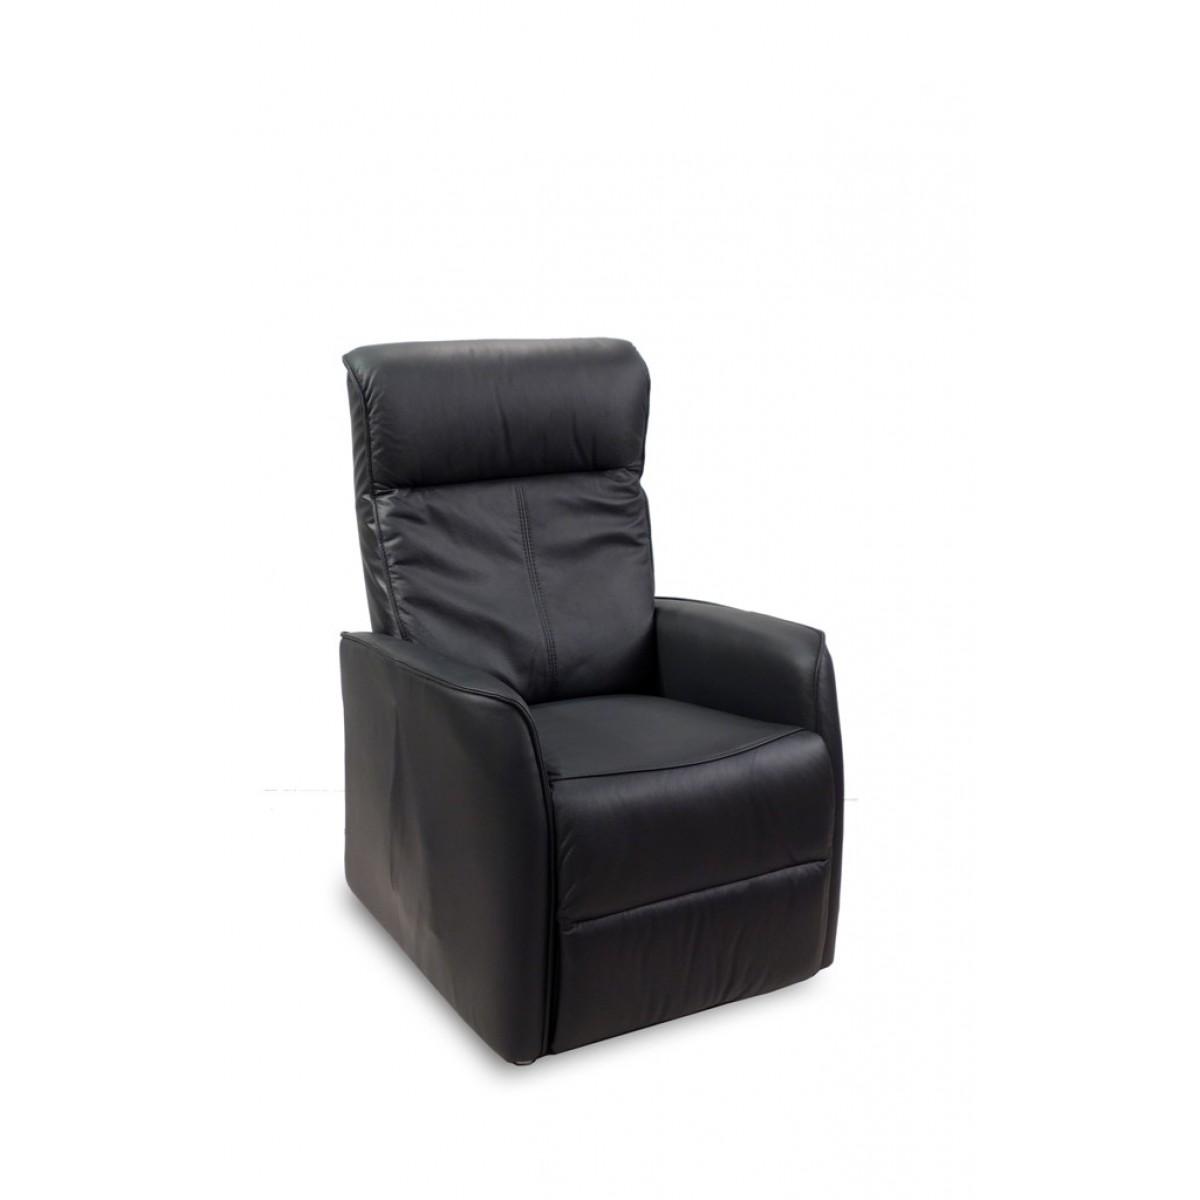 sta-op-hulp-relaxfauteuil-aberdeen-leder-zwart-interdomus